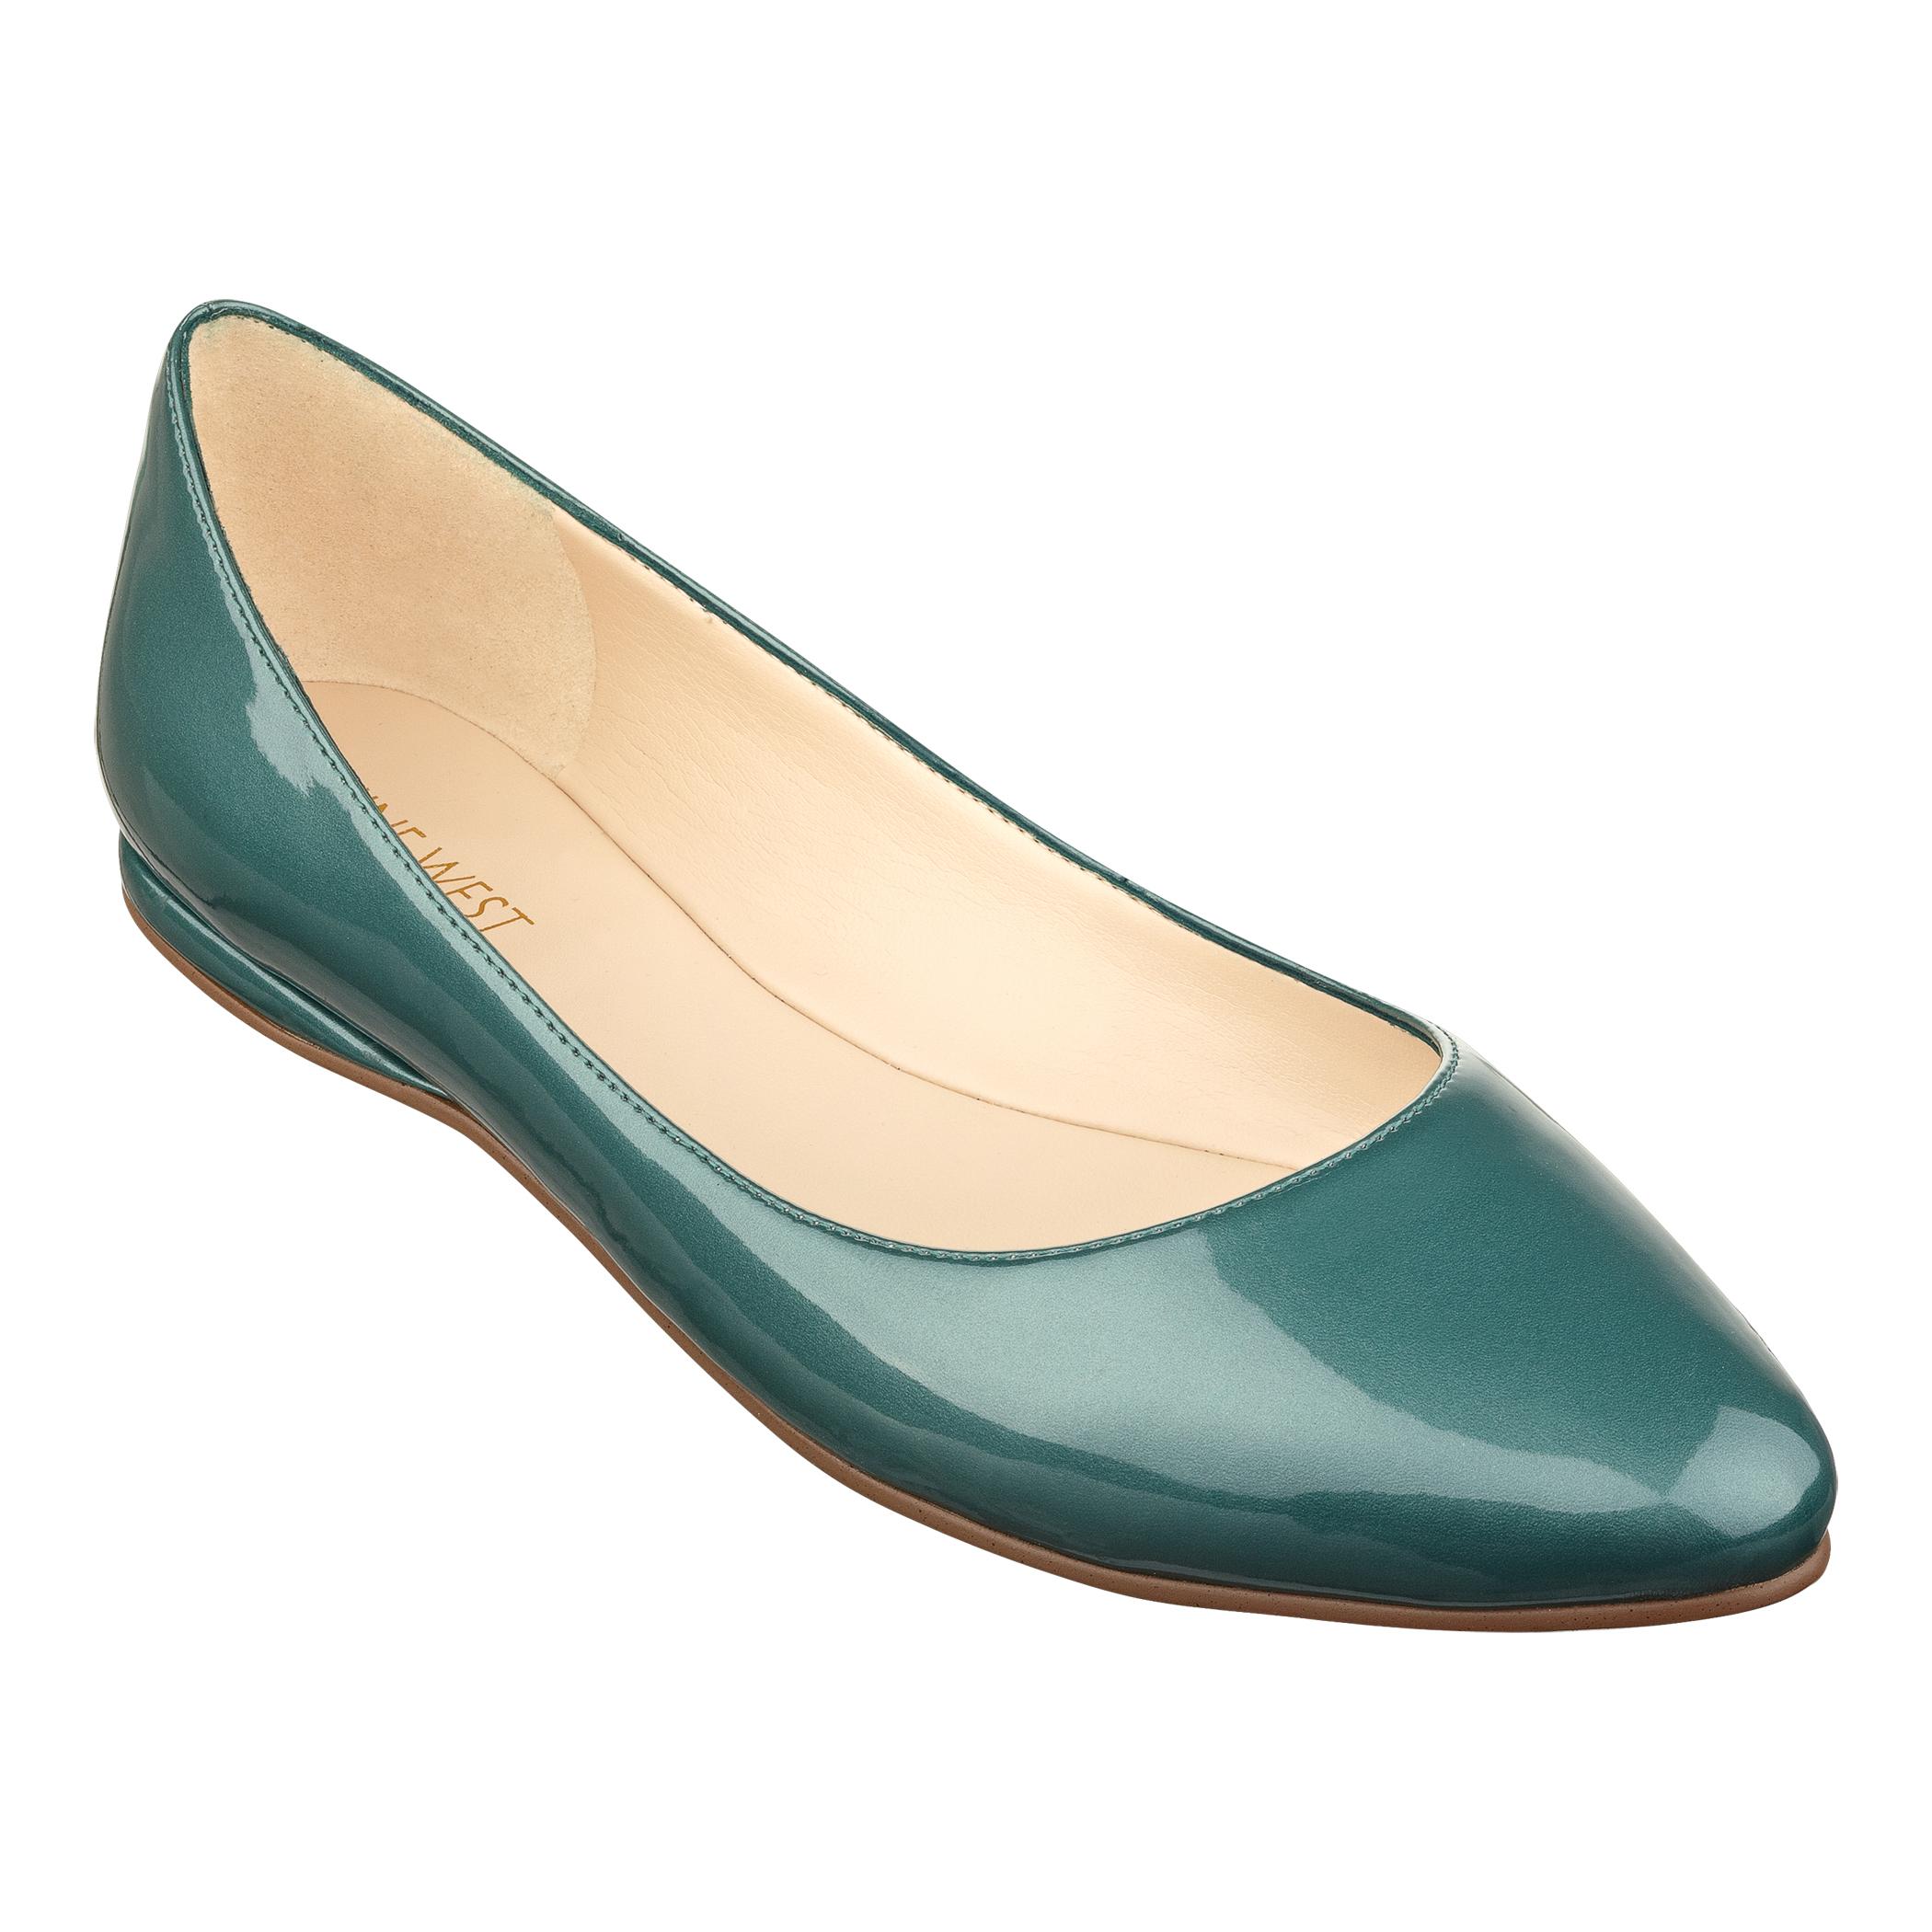 Nine West Flat Shoes Sale